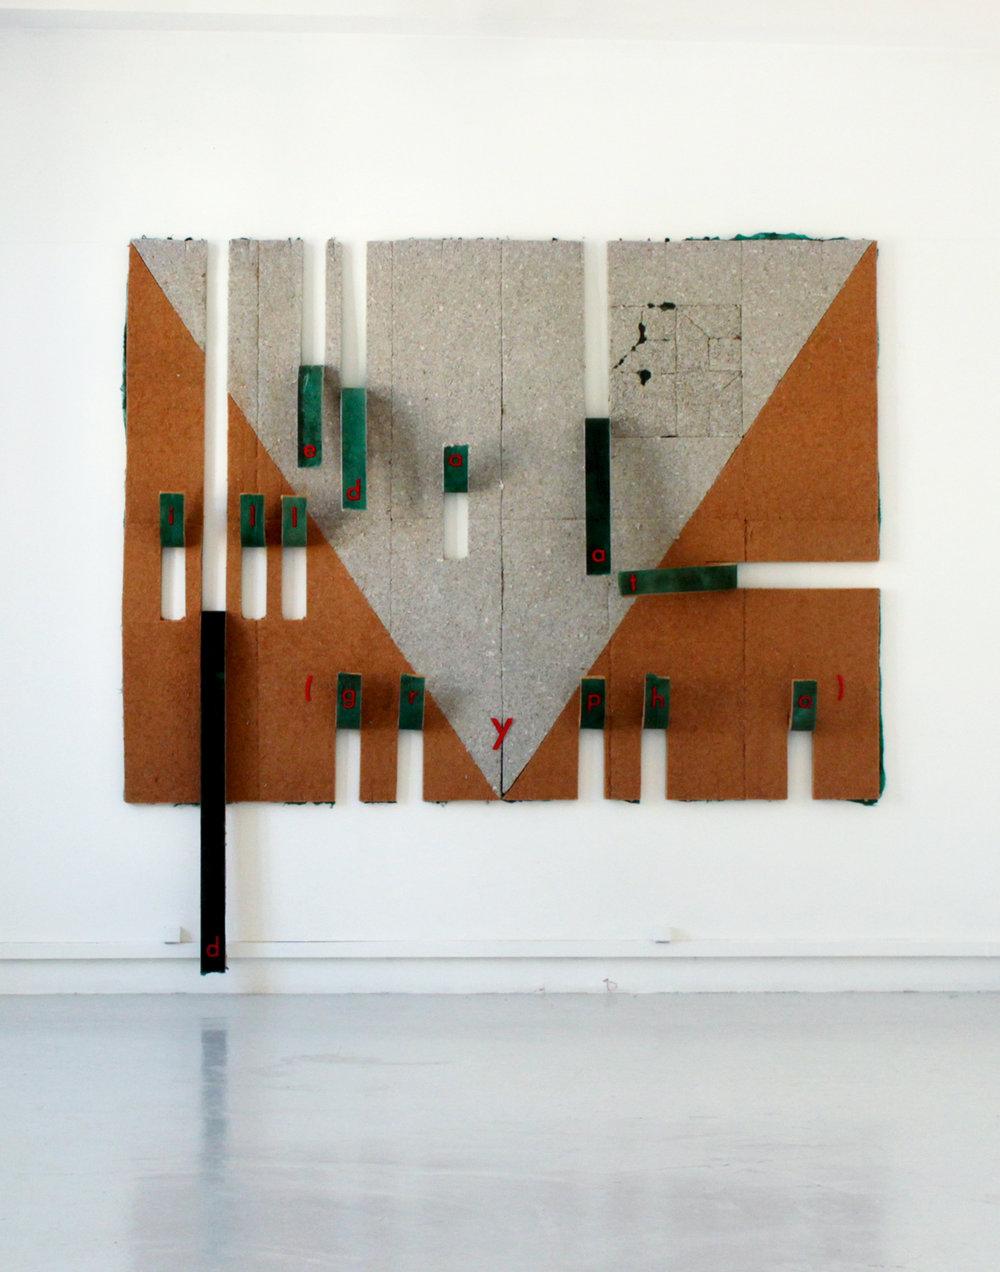 1. Violette Astier,  Machine à écrire : dedat illa(grypho) , 2014. Panneaux isolants, latex teinté, plexiglas, fil de cuivre, 327 x 280 x 22 cm.